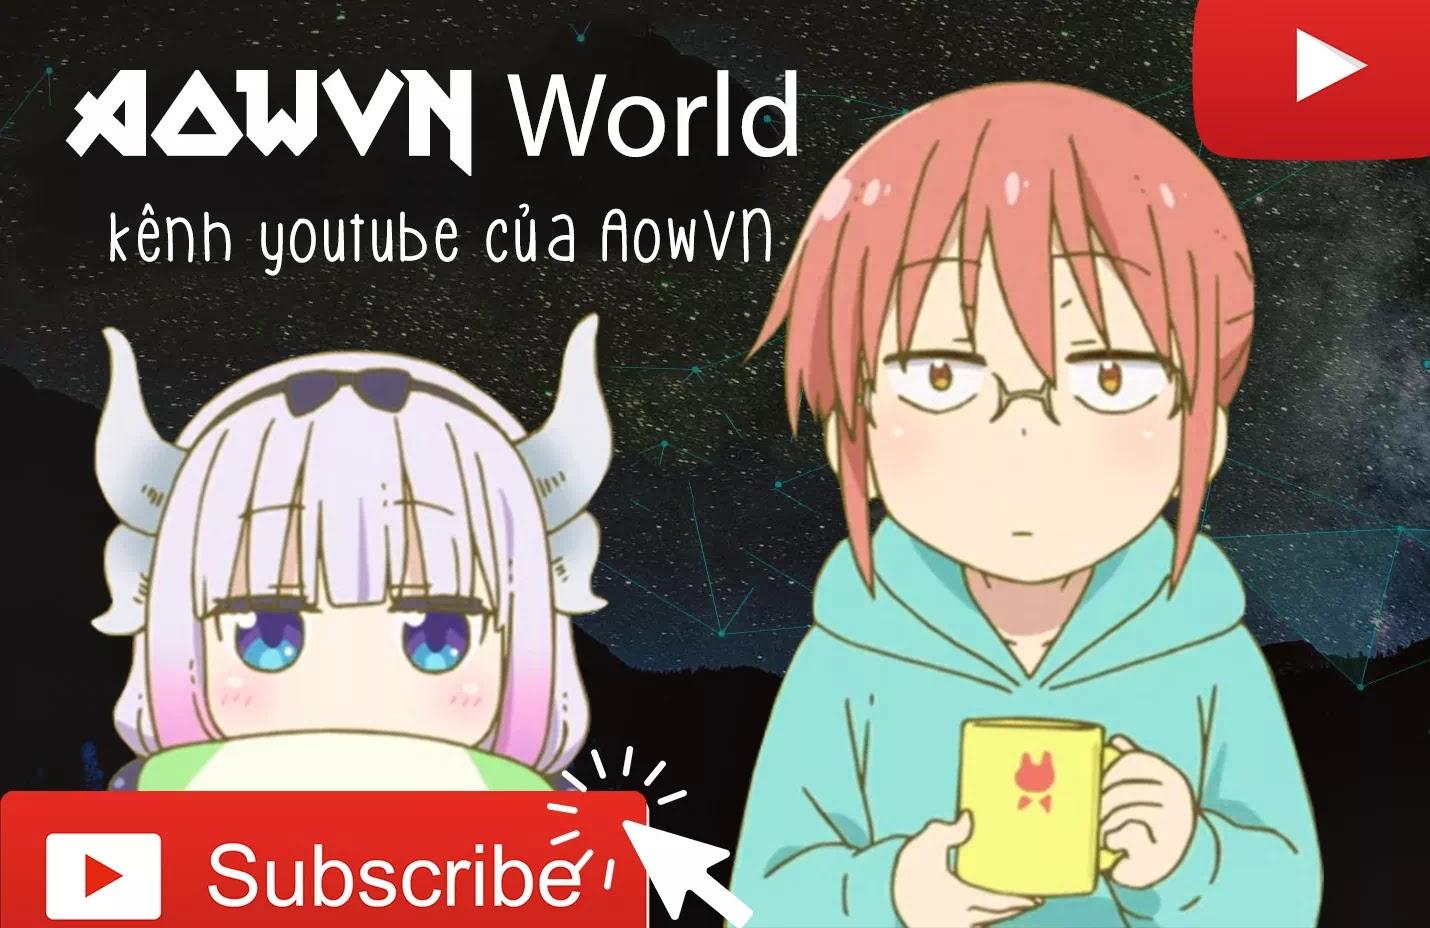 AowVN World